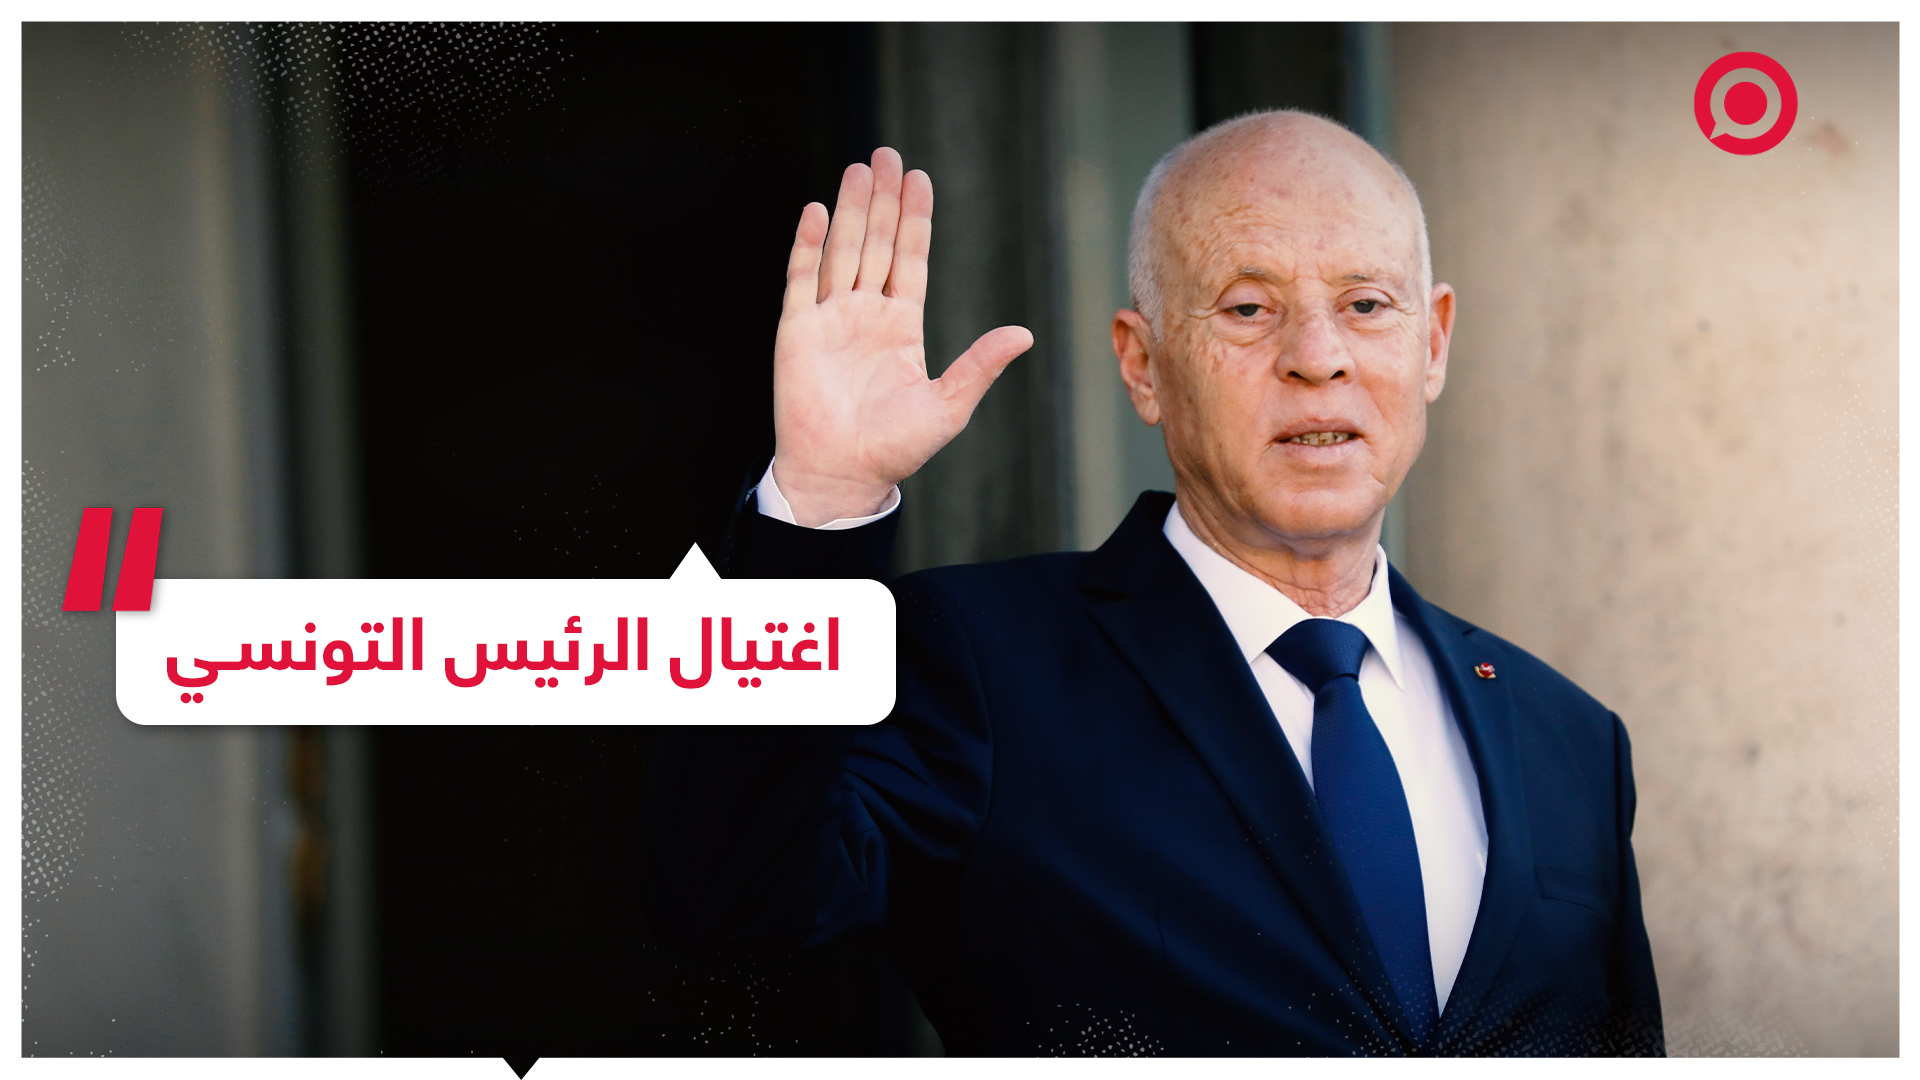 التحقيق في محاولة اغتيال الرئيس التونسي